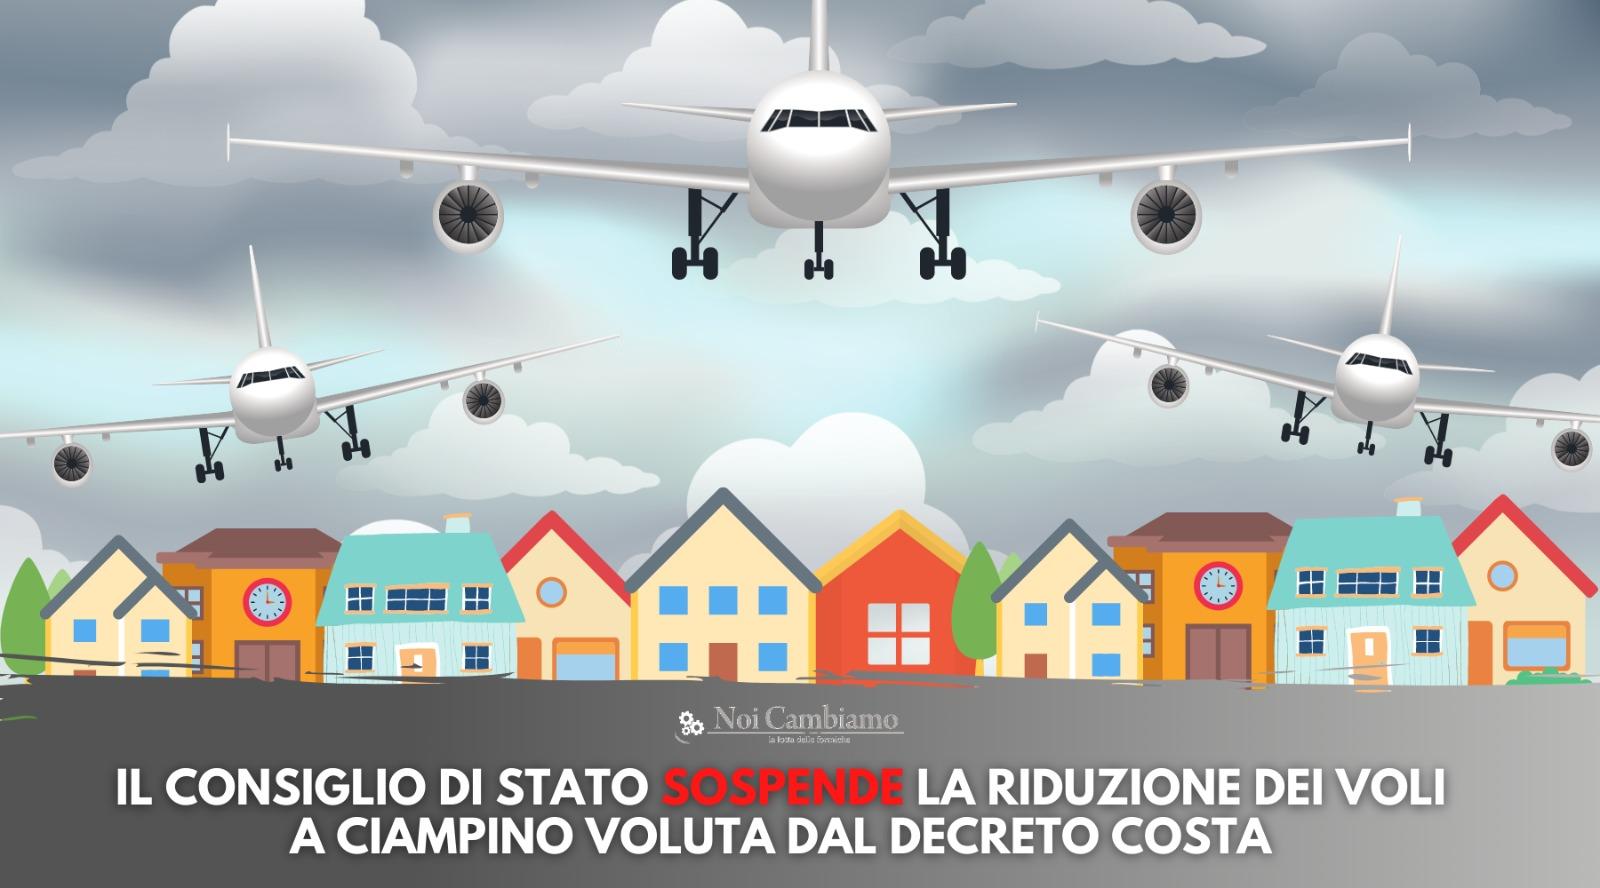 www.noicambiamo.it